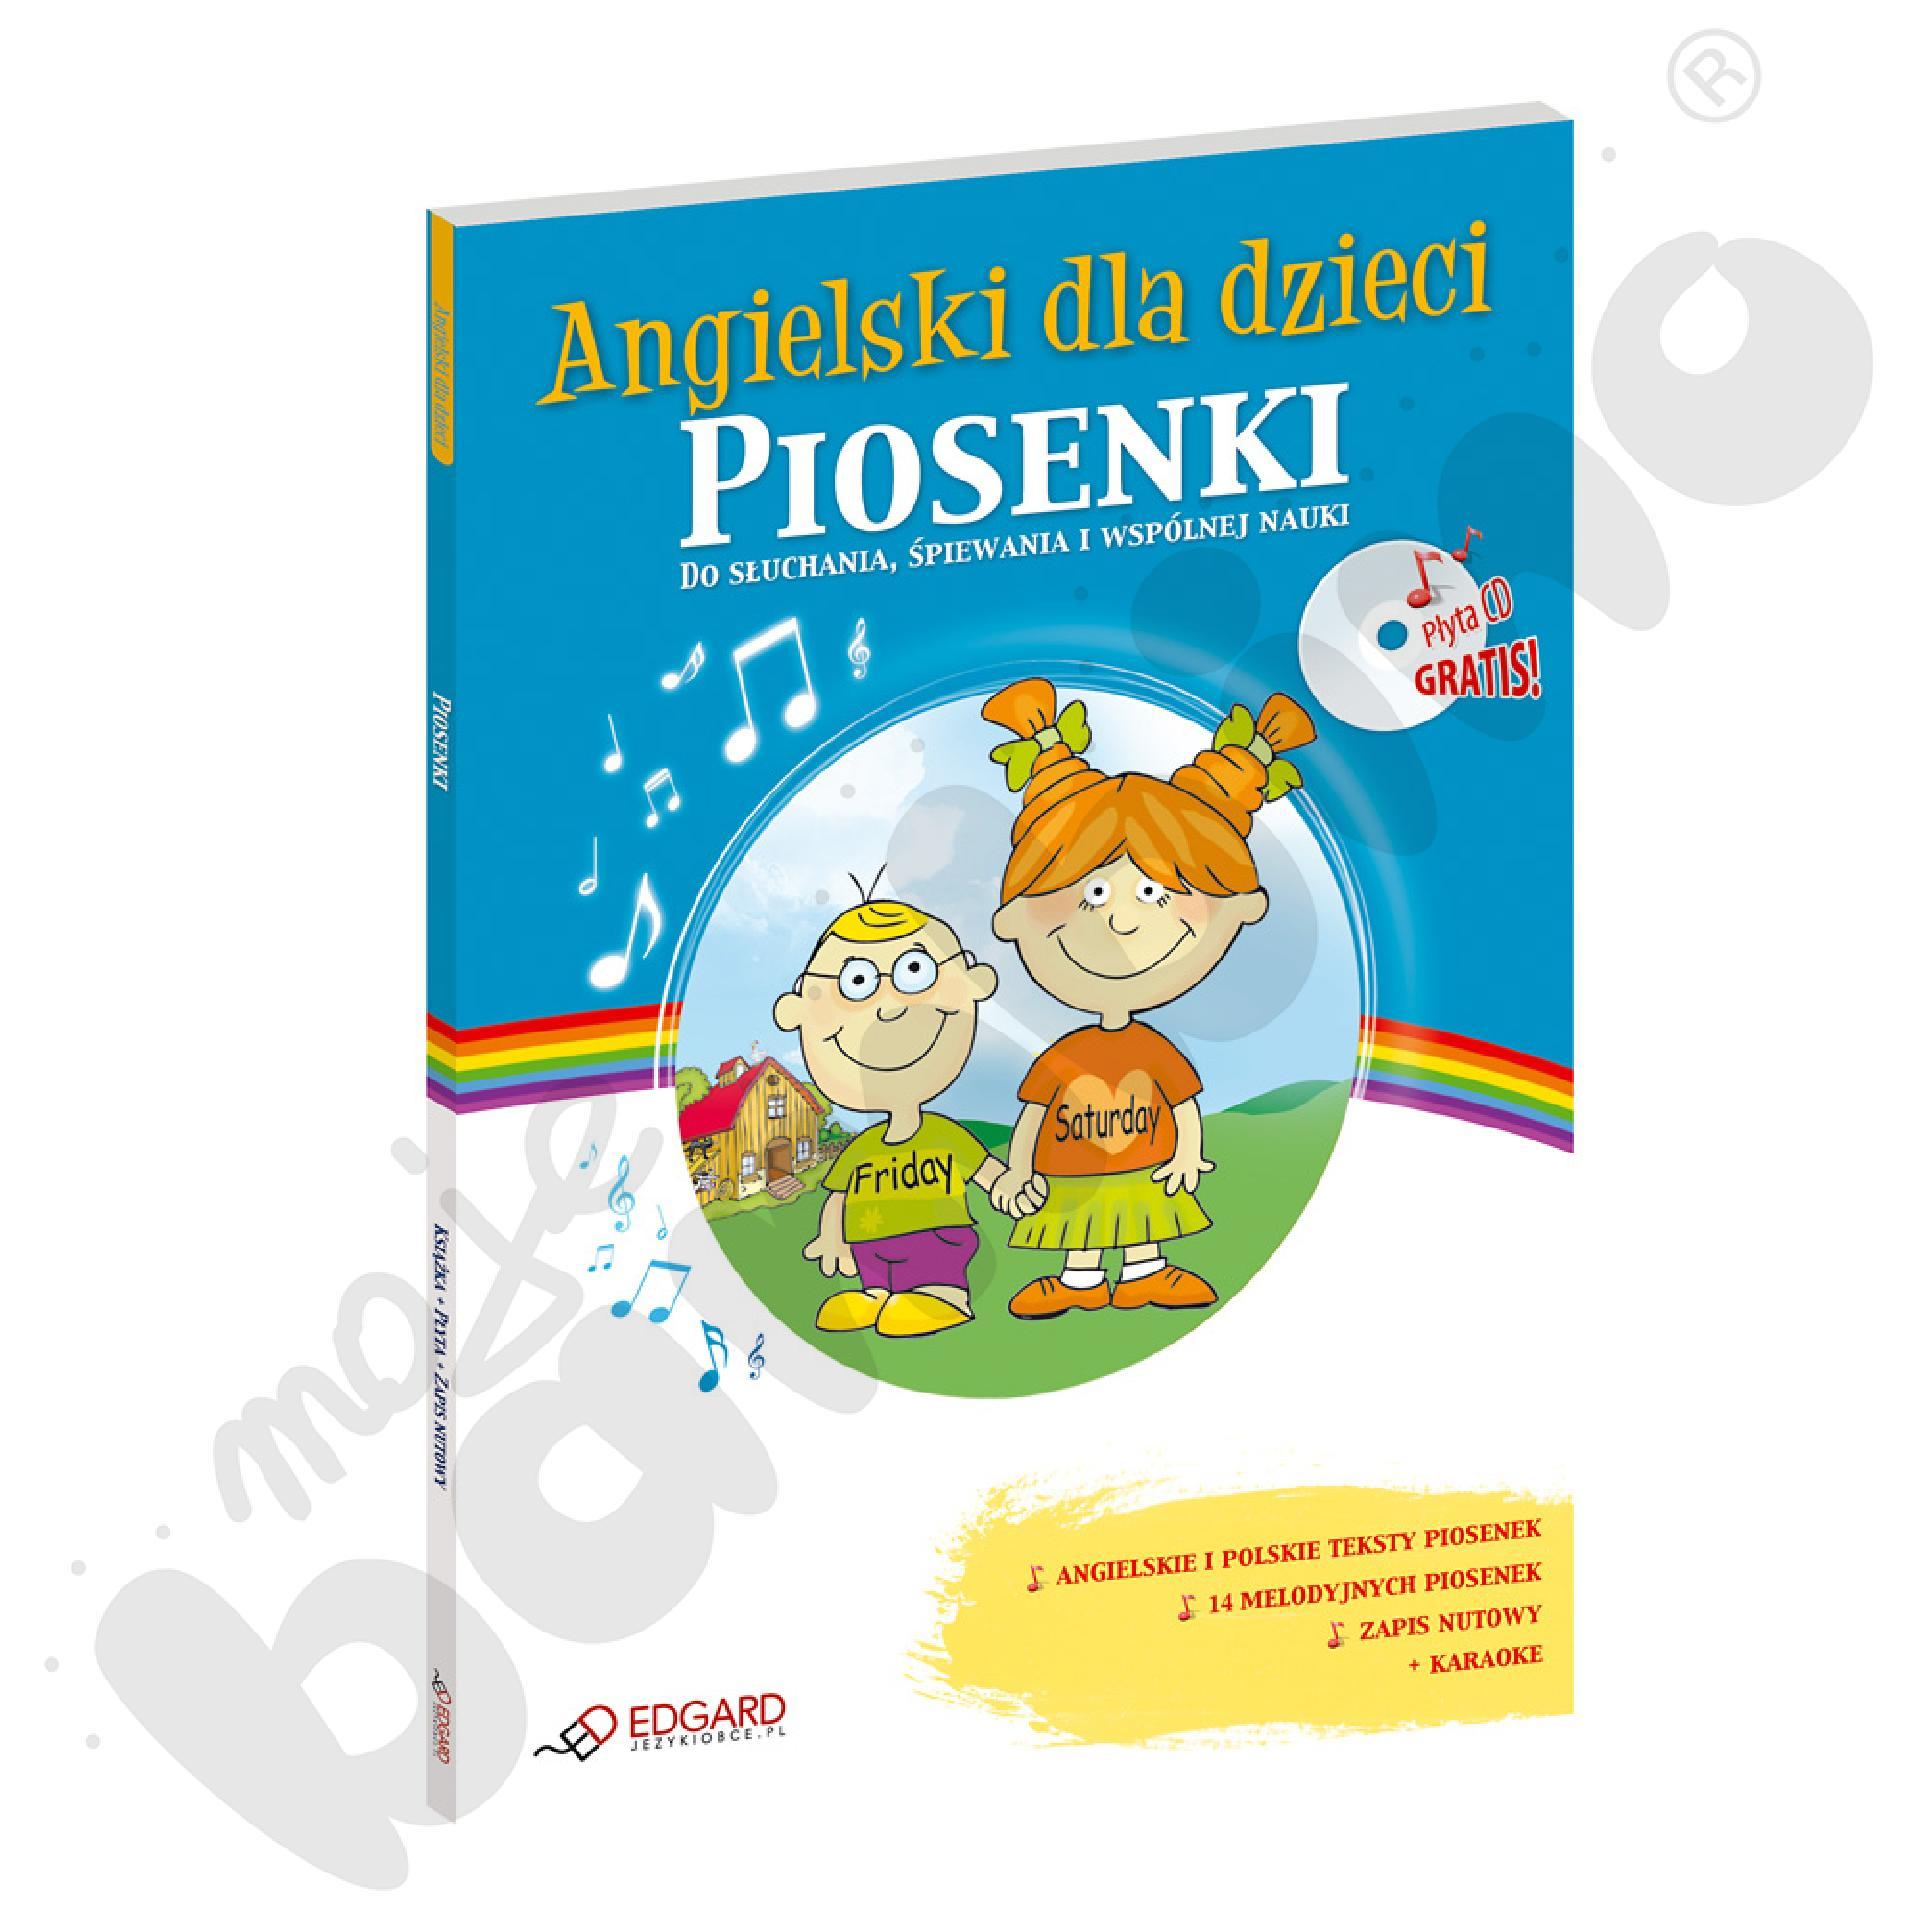 Angielski dla dzieci Piosenki